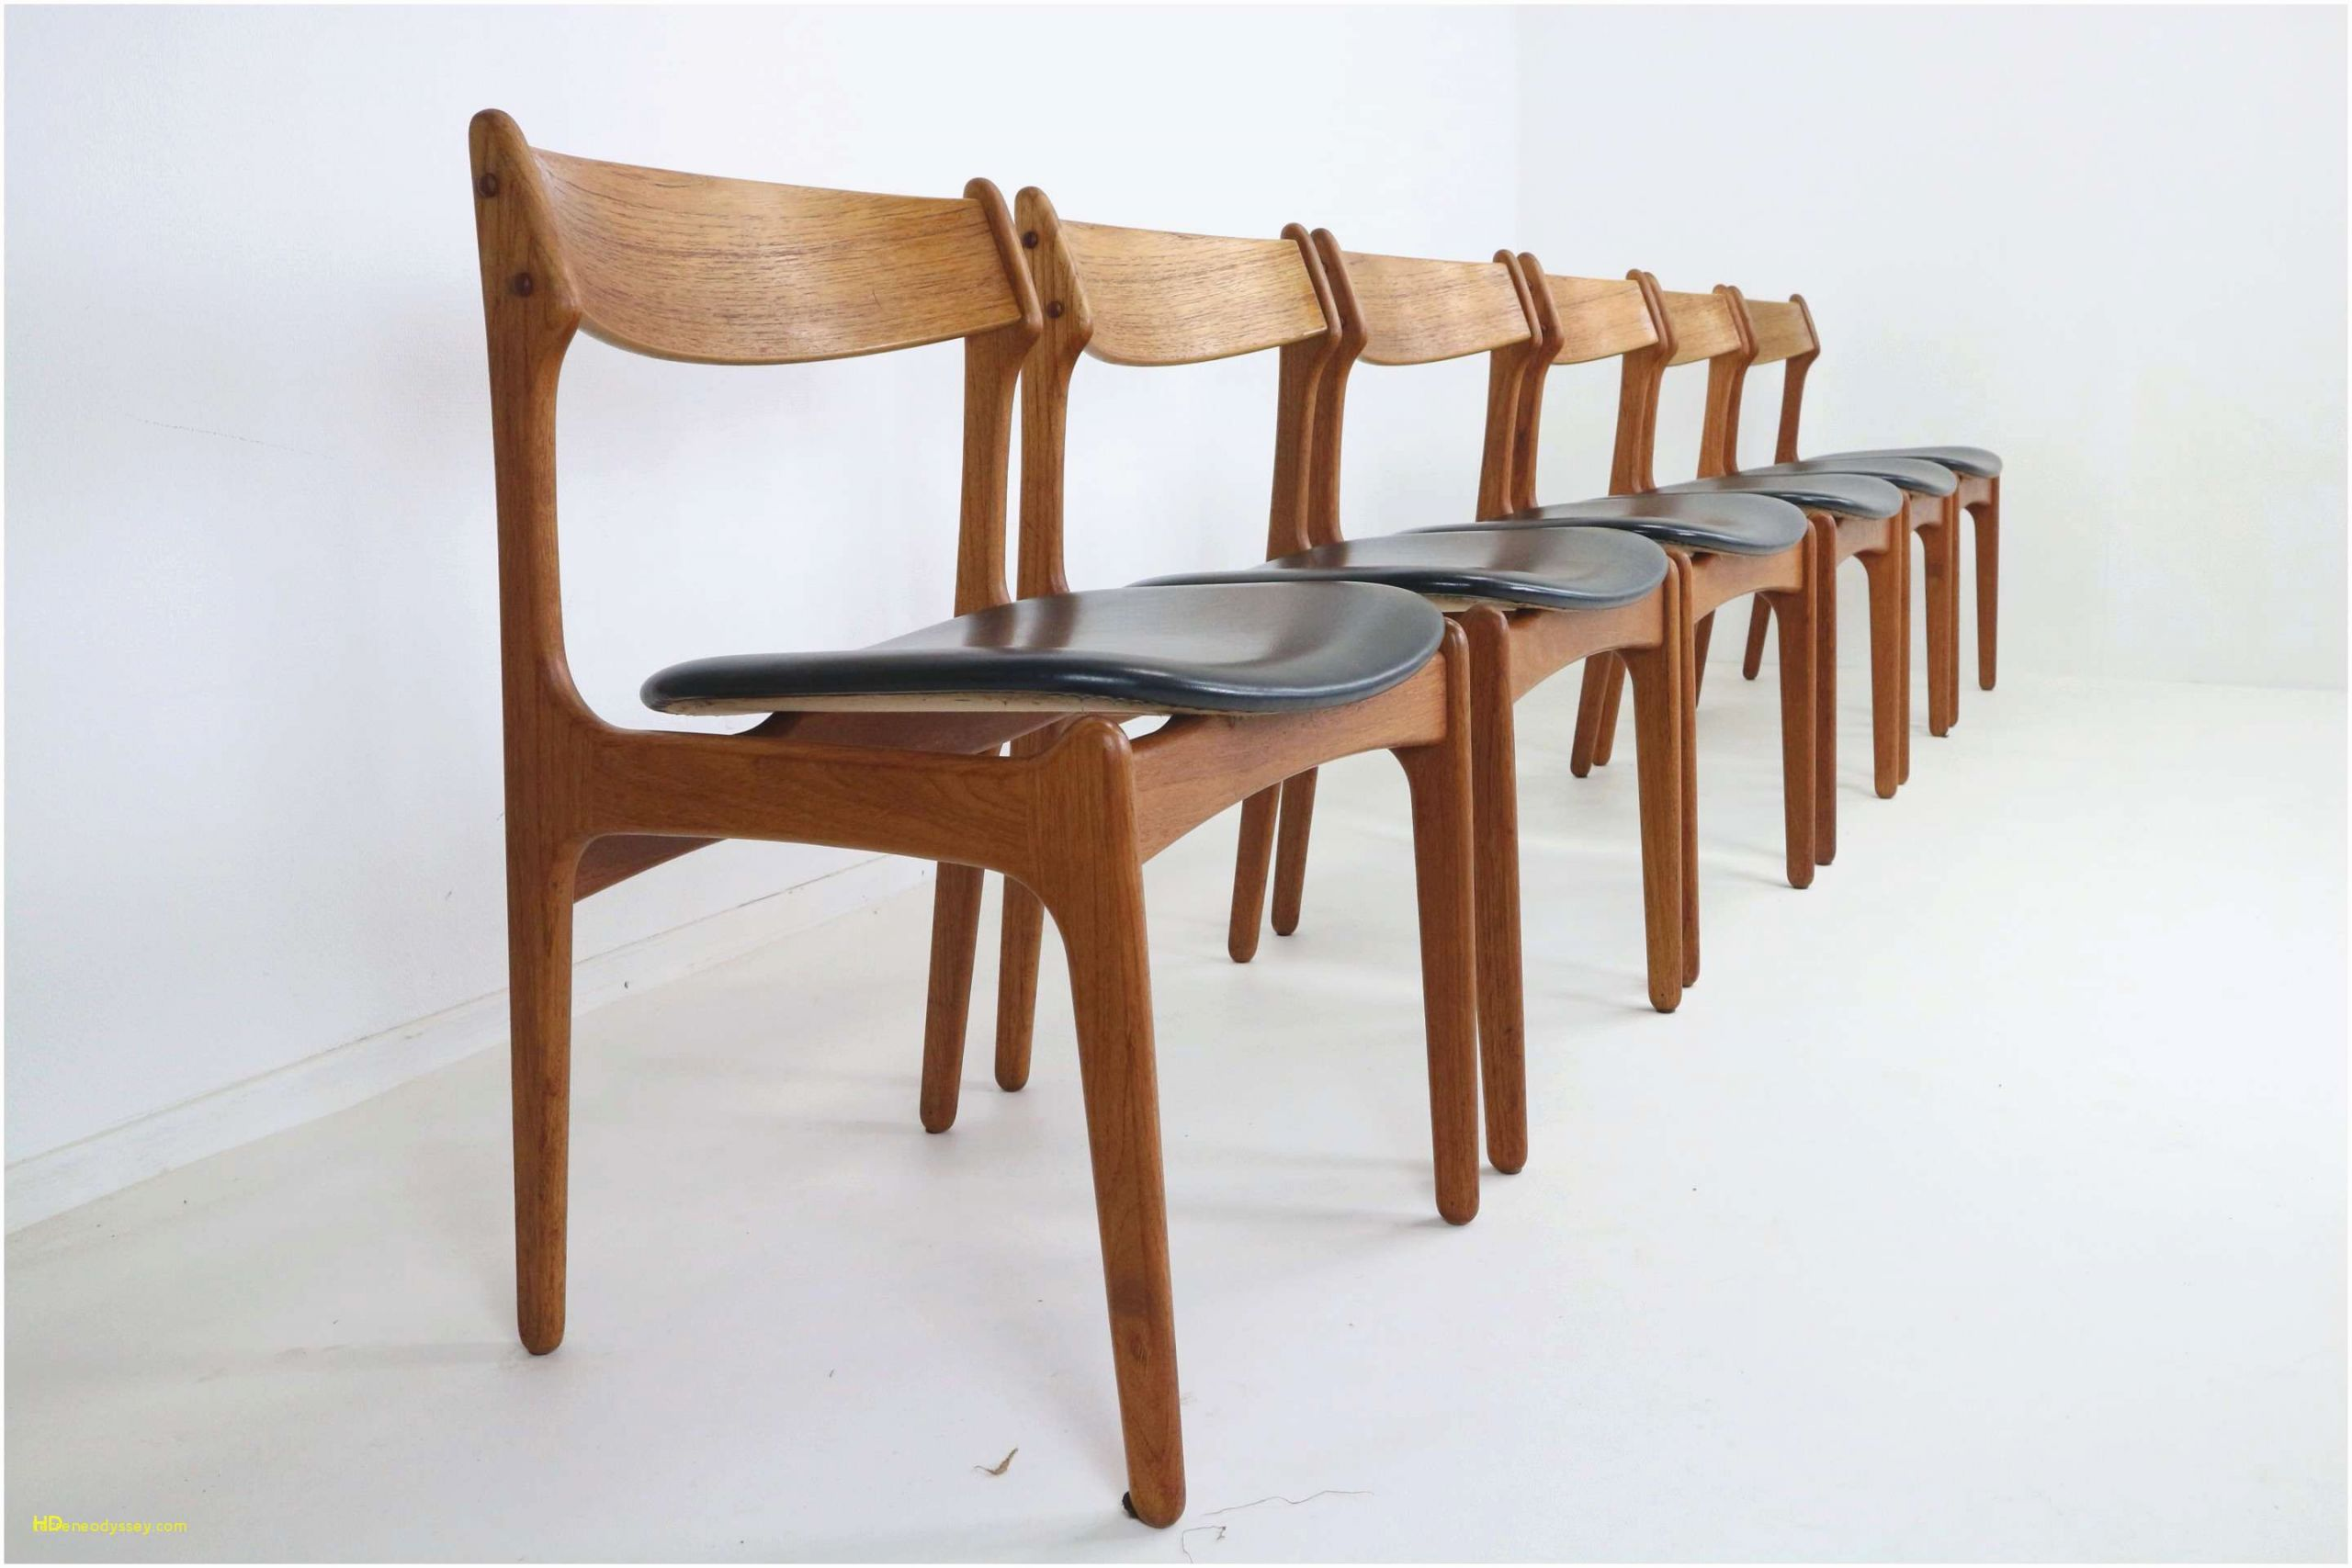 chaise en bois pas cher inspirant unique tabouret bar patchwork luckytroll de chaise en bois pas cher scaled